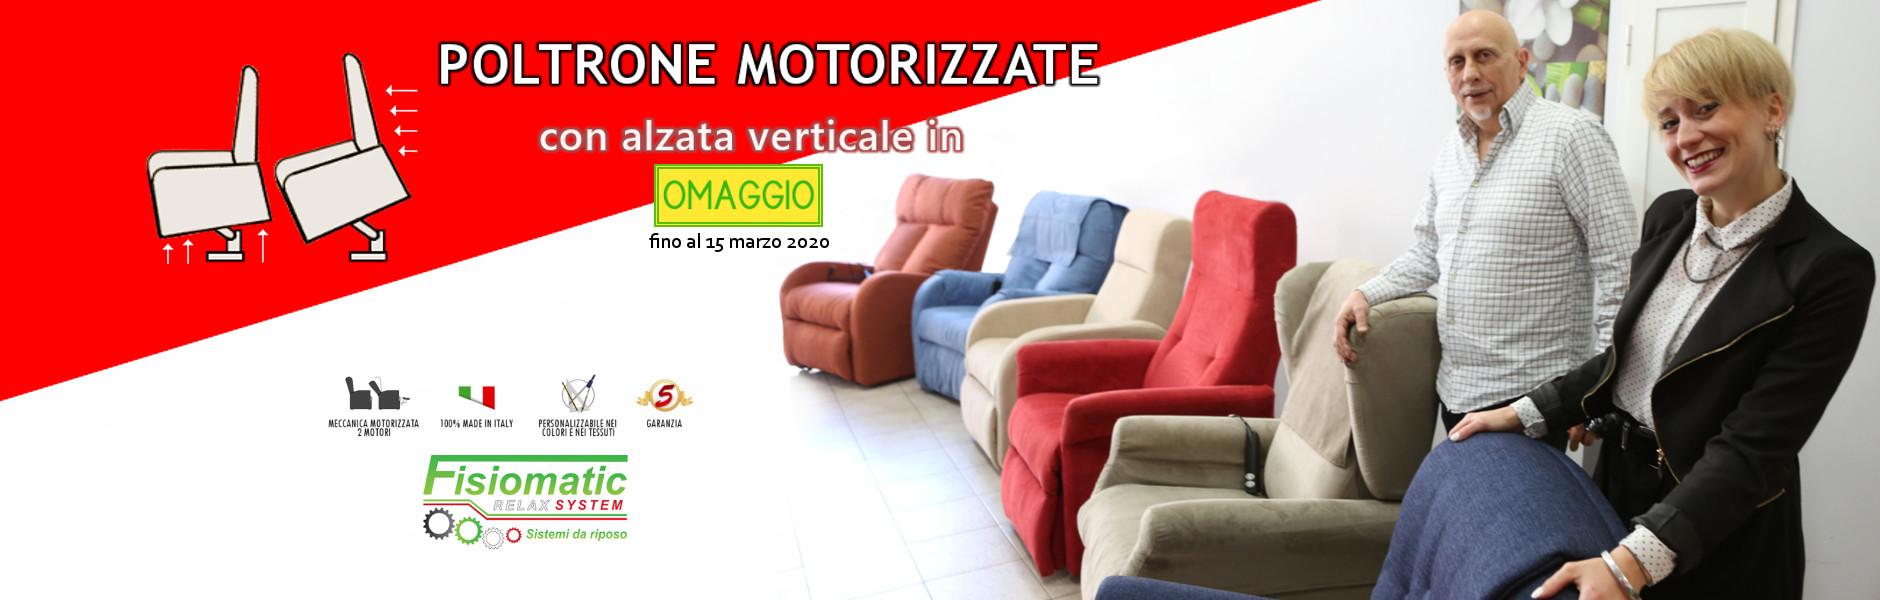 Slide-poltrone-motorizate-con-alzata-verticale-in-omaggio-presso-Fisiomatic-Relax-System-Roma